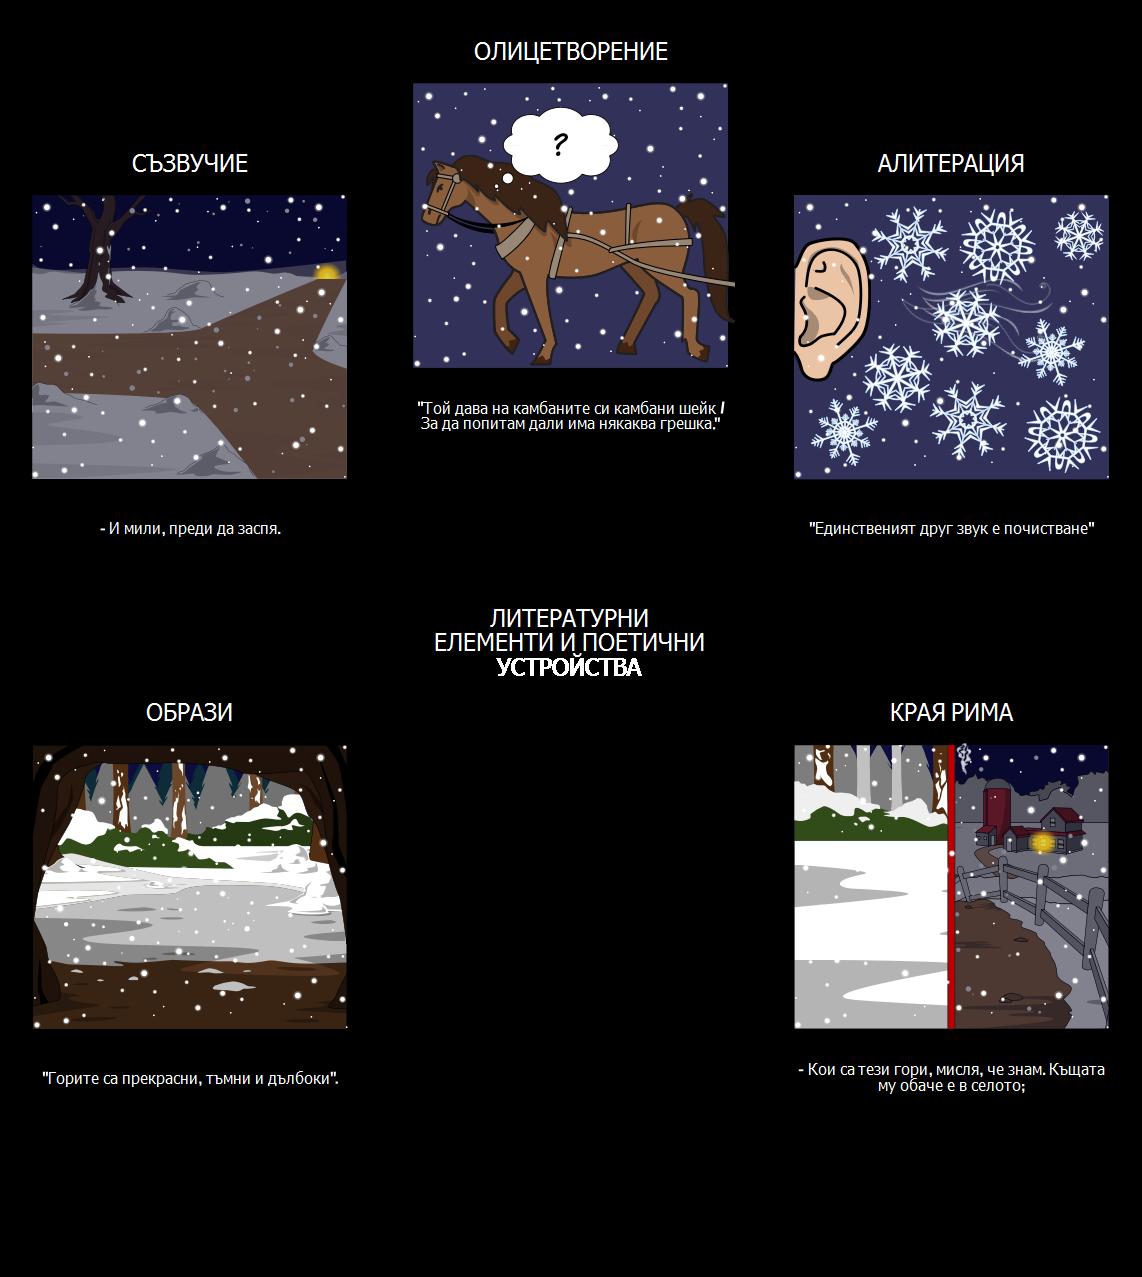 Литературни Елементи при Спиране на Гората при Снежна Вечер